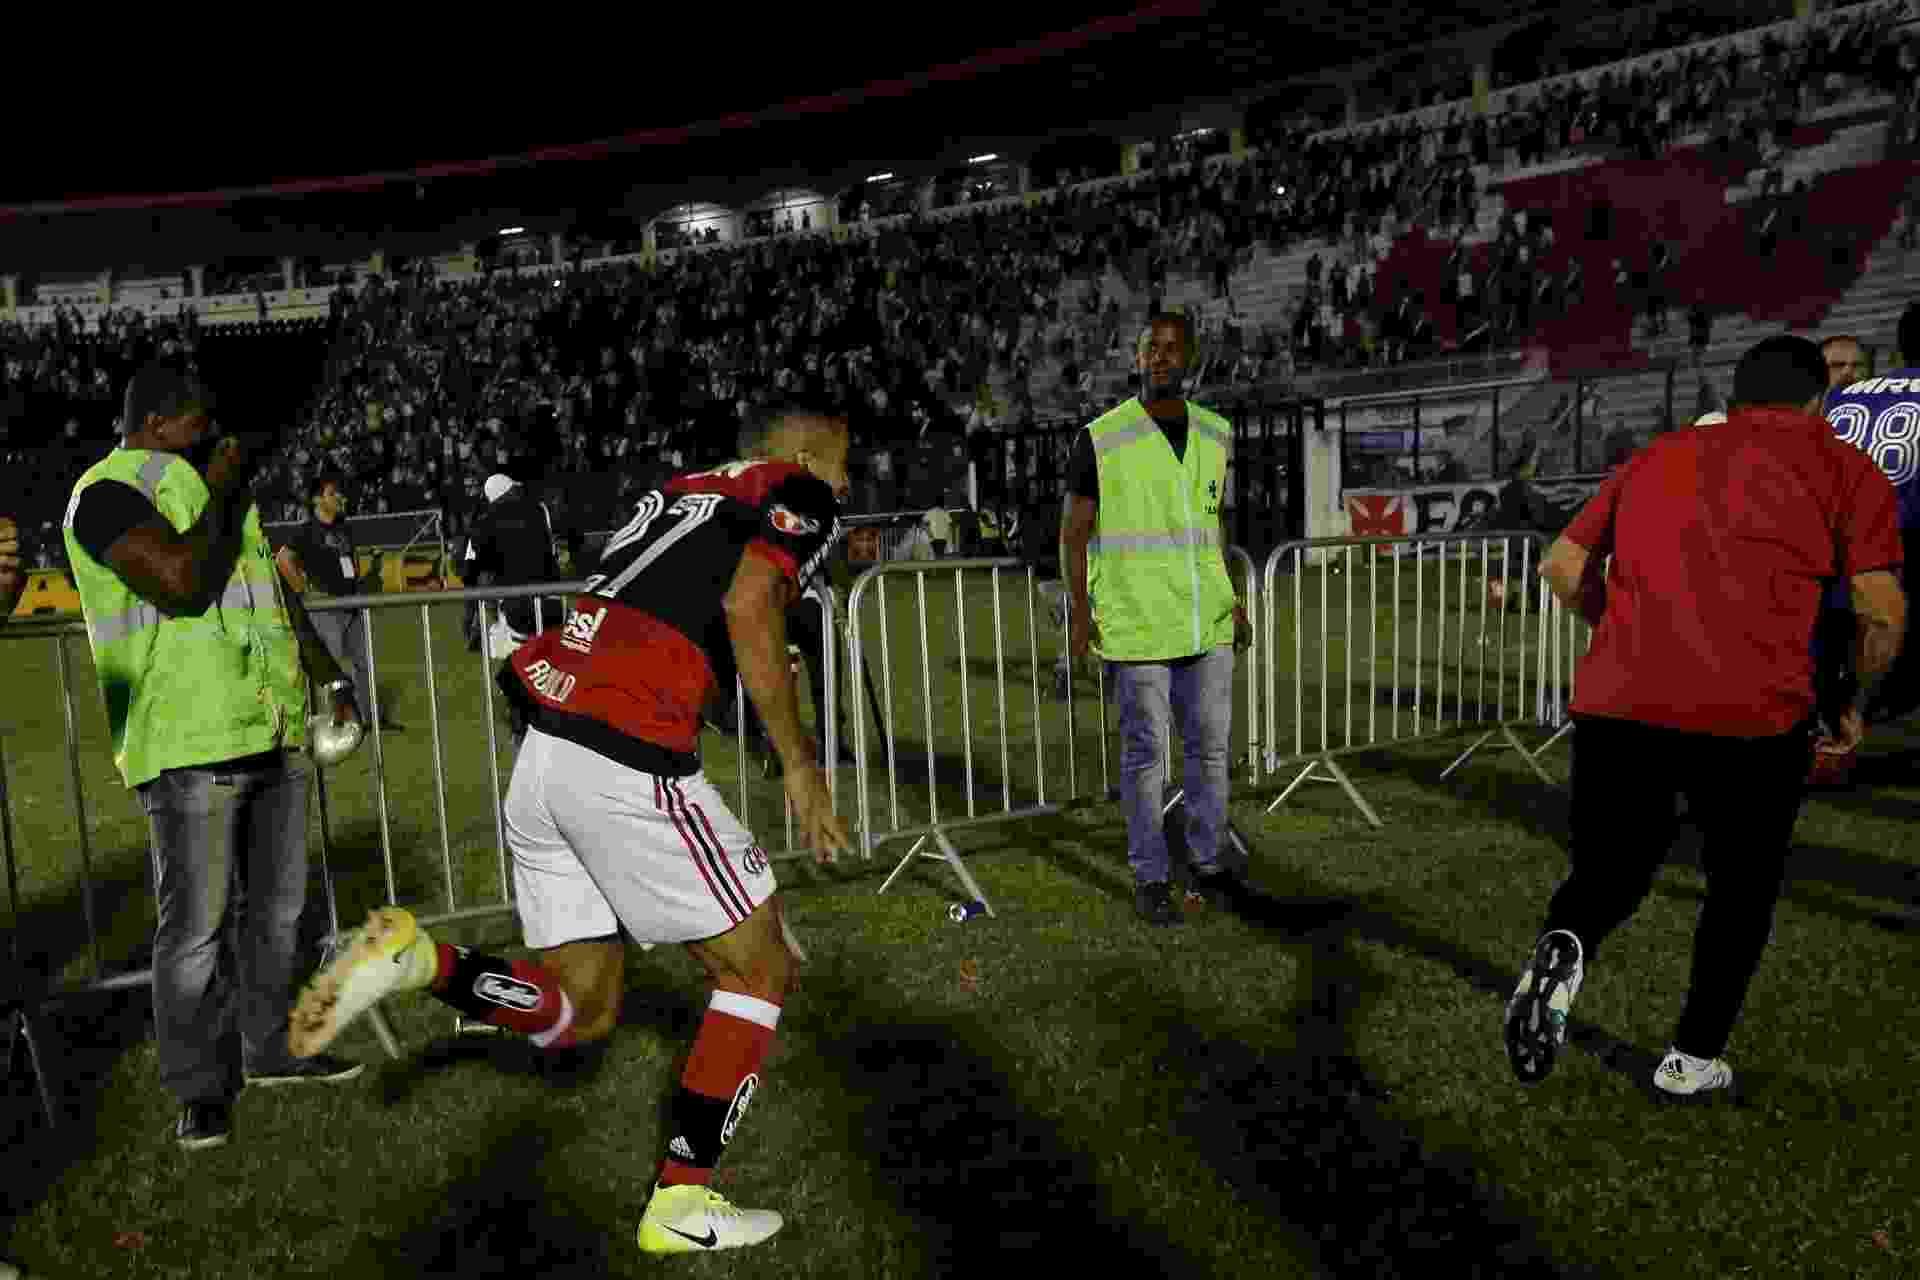 Rômulo corre para fugir da confusão durante a partida entre Flamengo e Vasco - Luciano Belford/AGIF